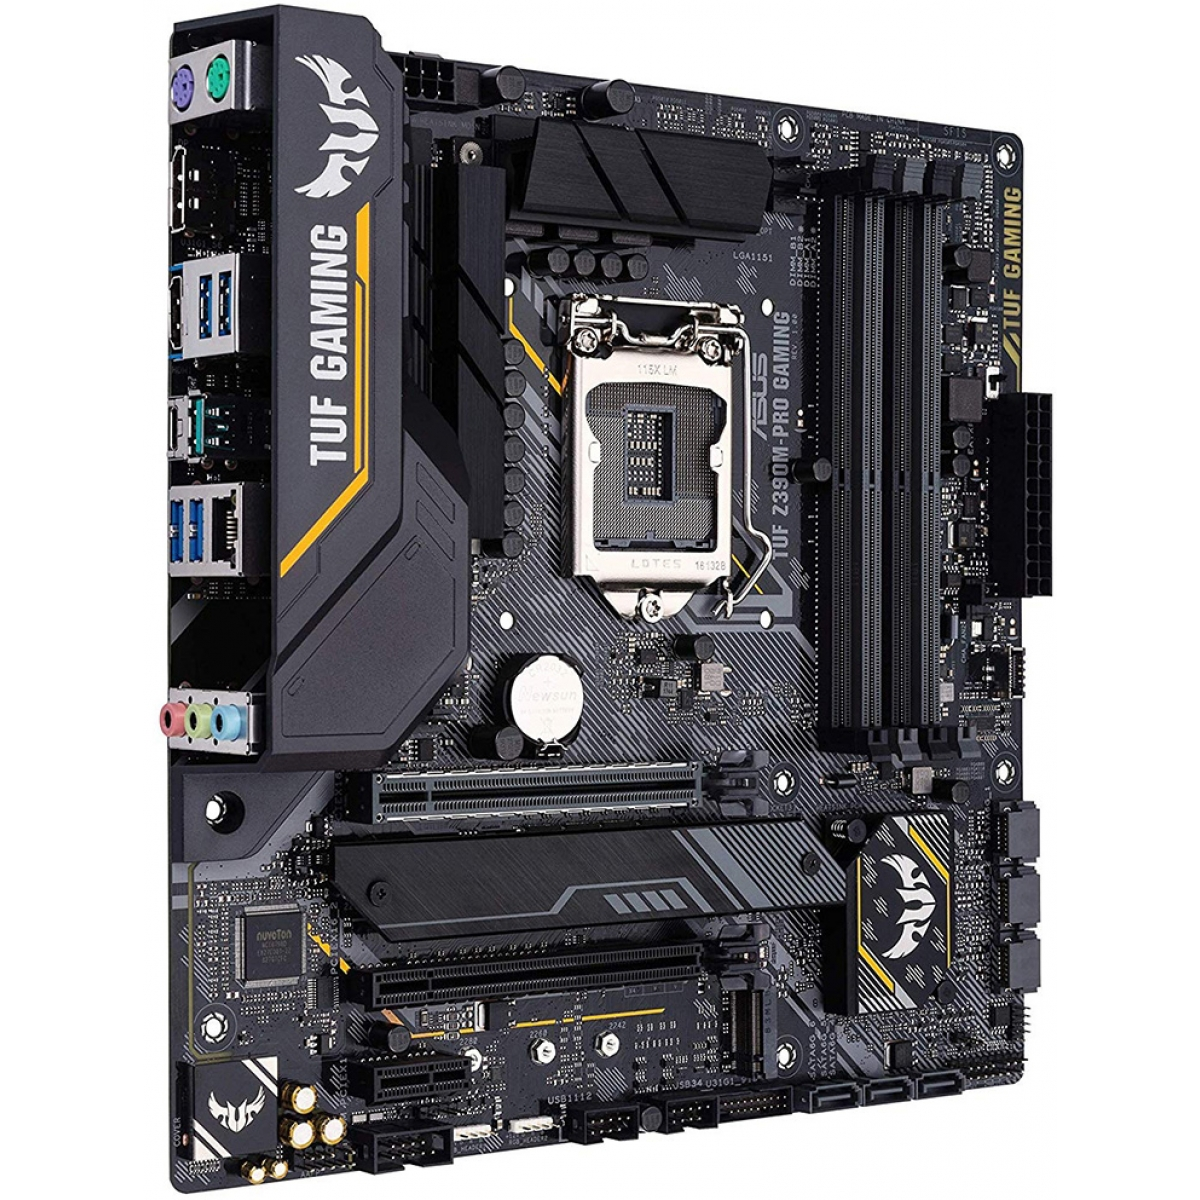 Placa Mãe Asus TUF Z390-M Pro Gaming, Chipset Z390, Intel LGA 1151, mATX, DDR4